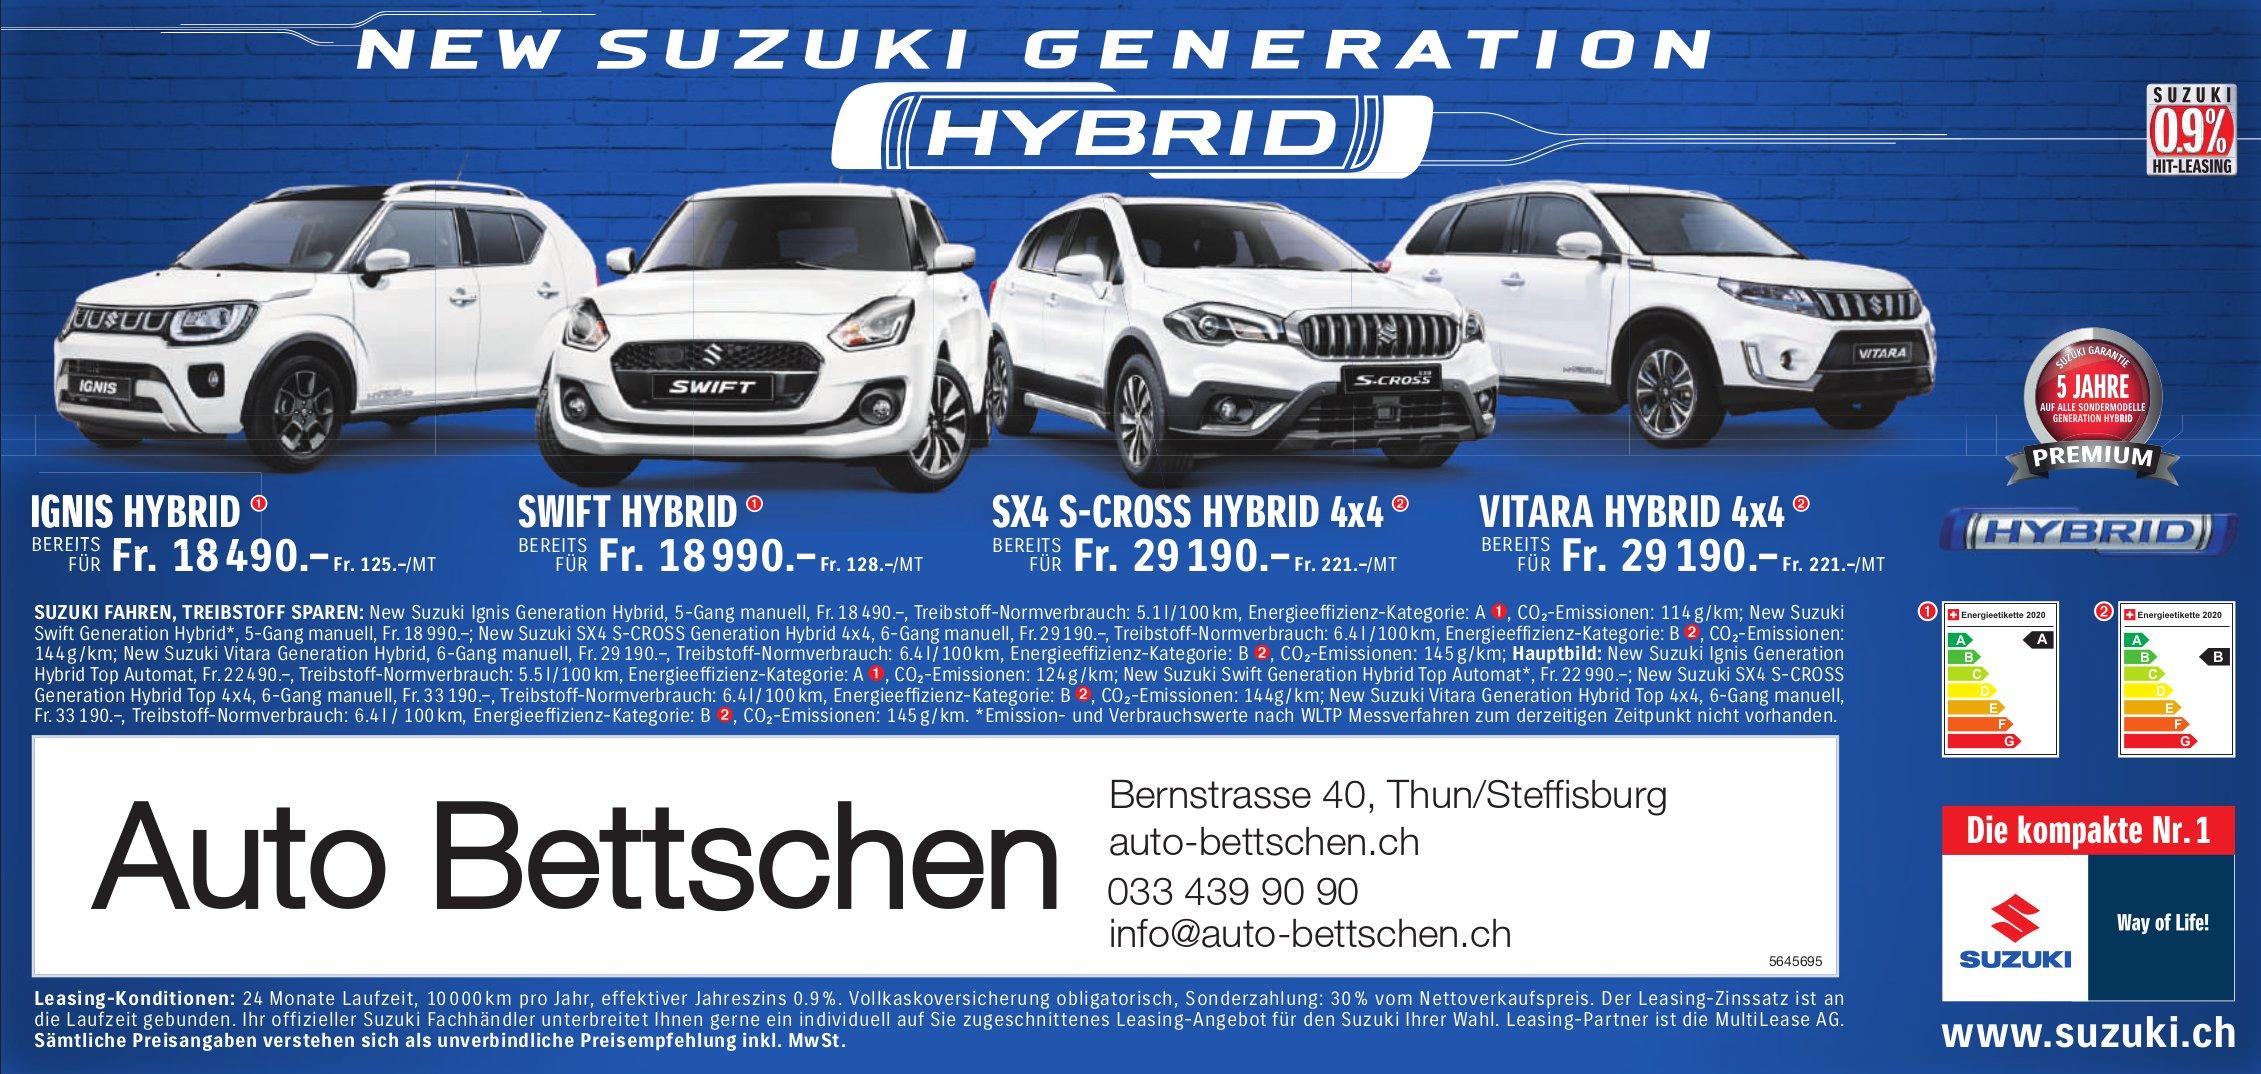 Auto Bettschen, Thun/Steffisburg - New Suzuki Generation Hybrid